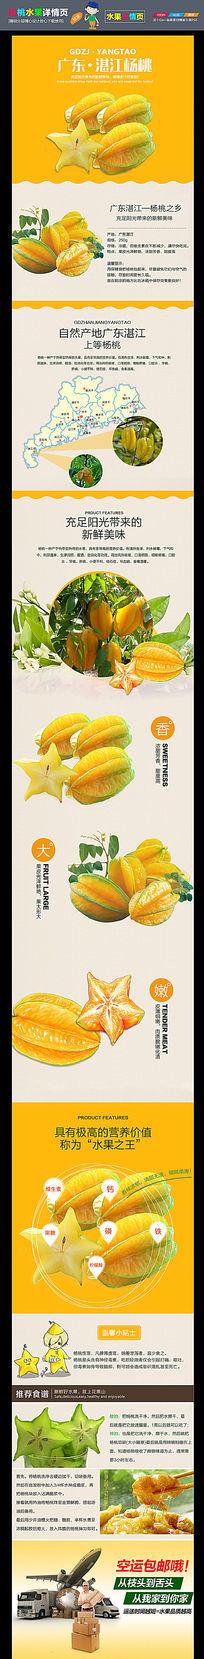 淘宝水果杨桃详情页细节PSD